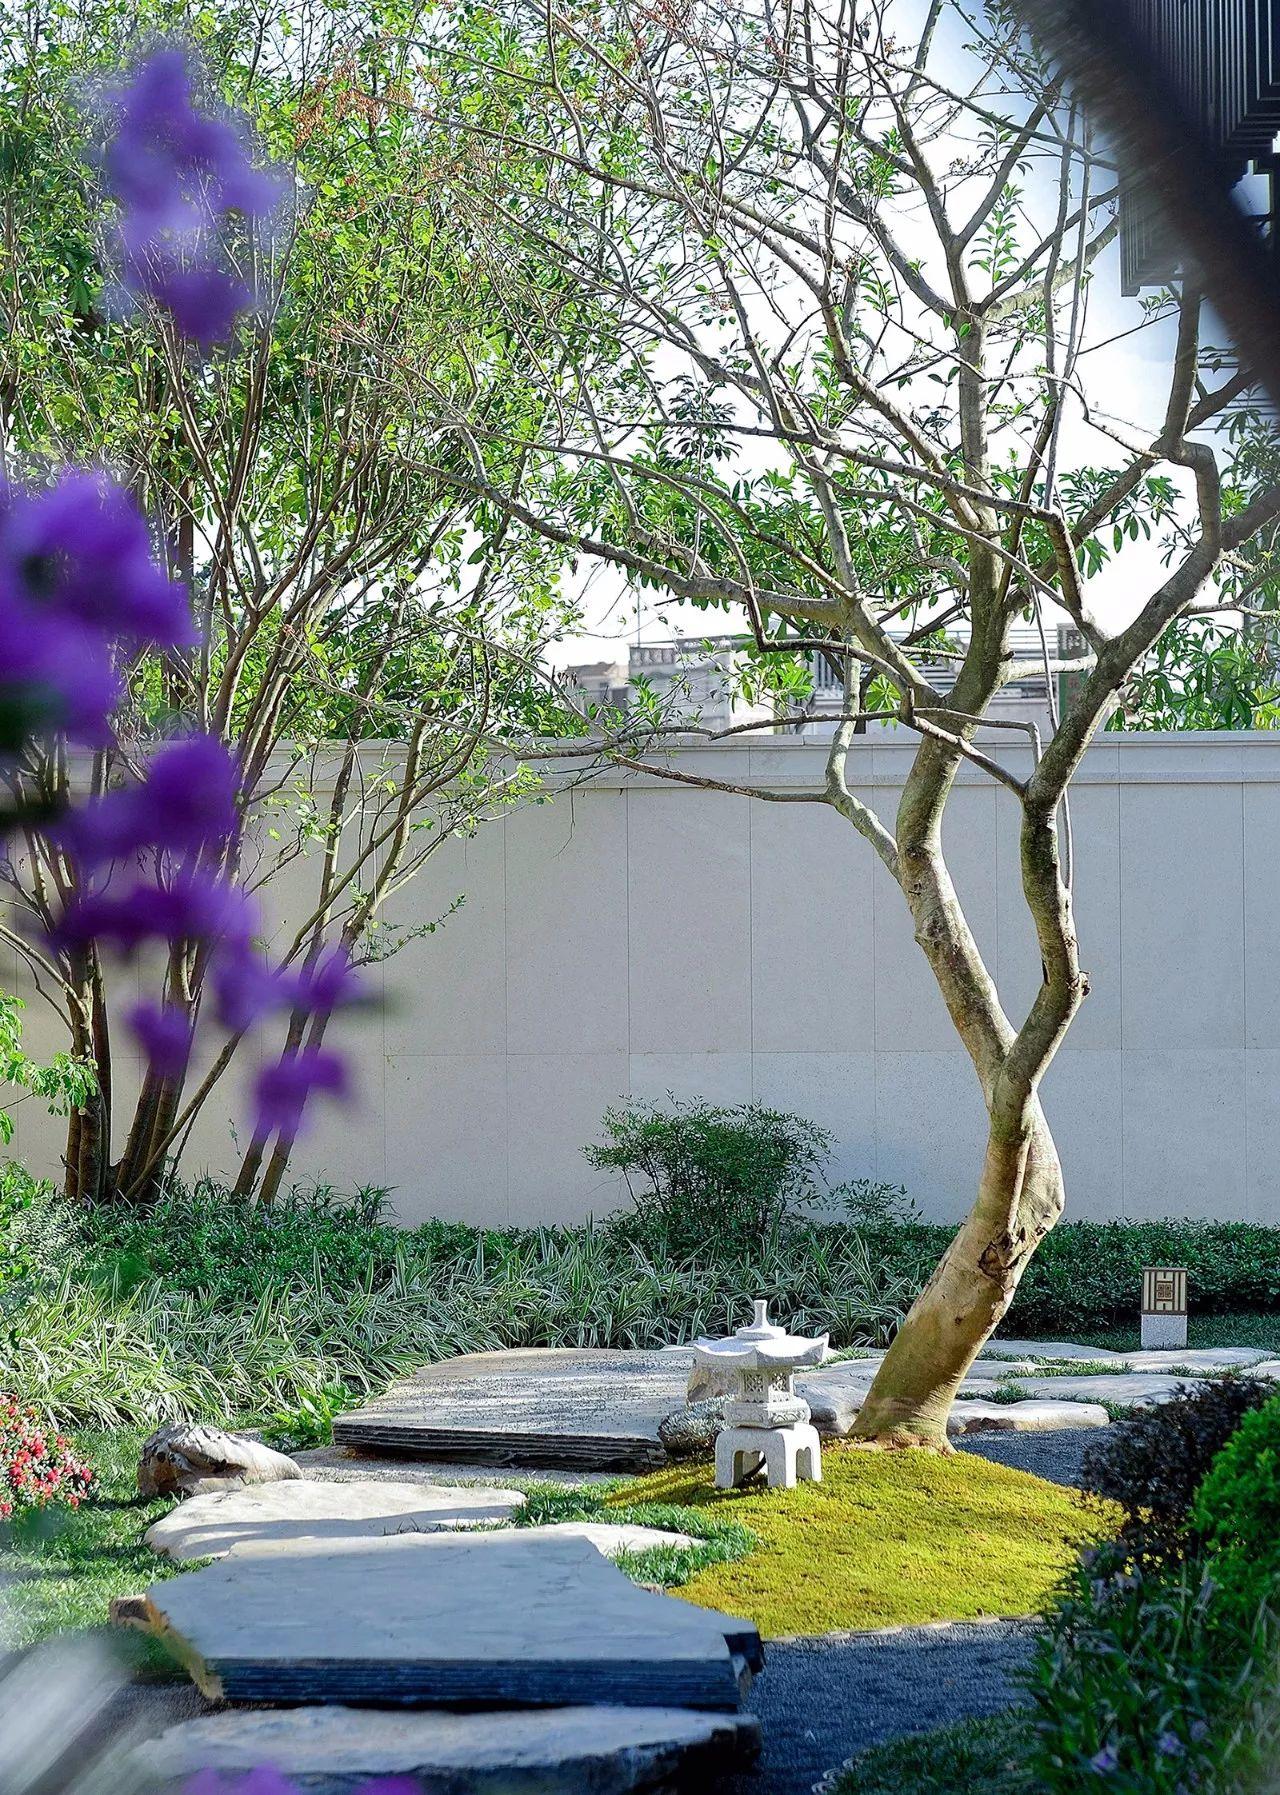 家具设计_古典中式园林庭院设计:构设诗一般的自然灵界(5)- 中国风